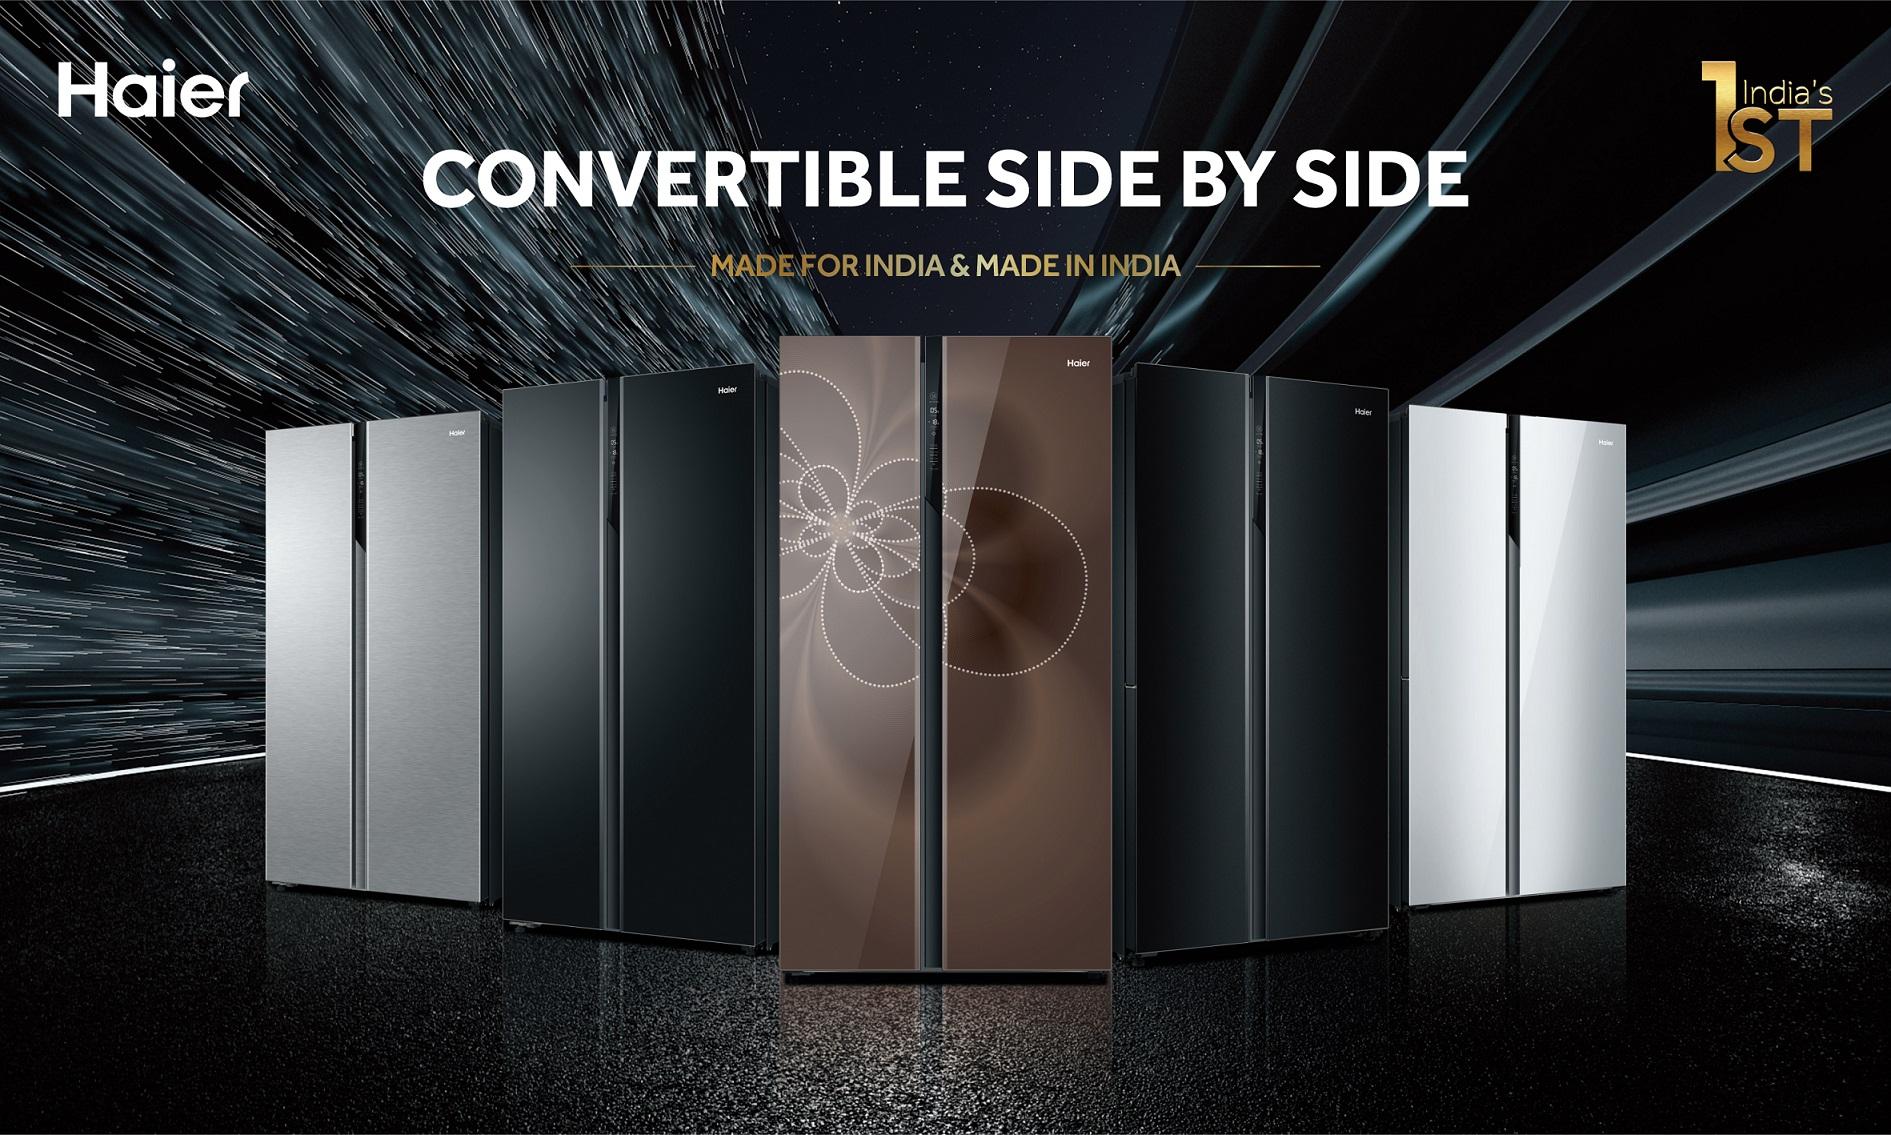 Convertible SBS